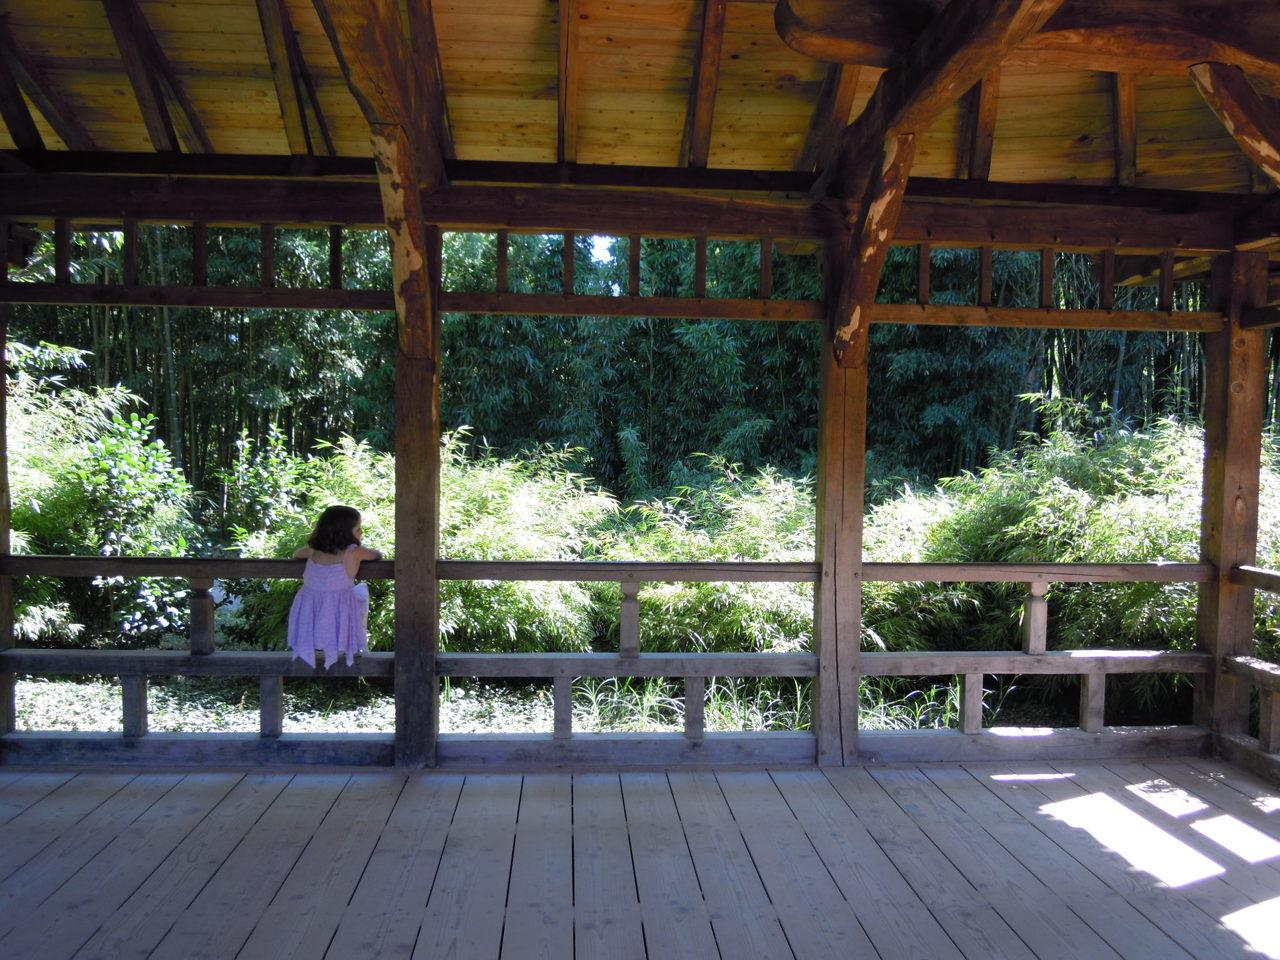 Petite fille sur un pont couvert